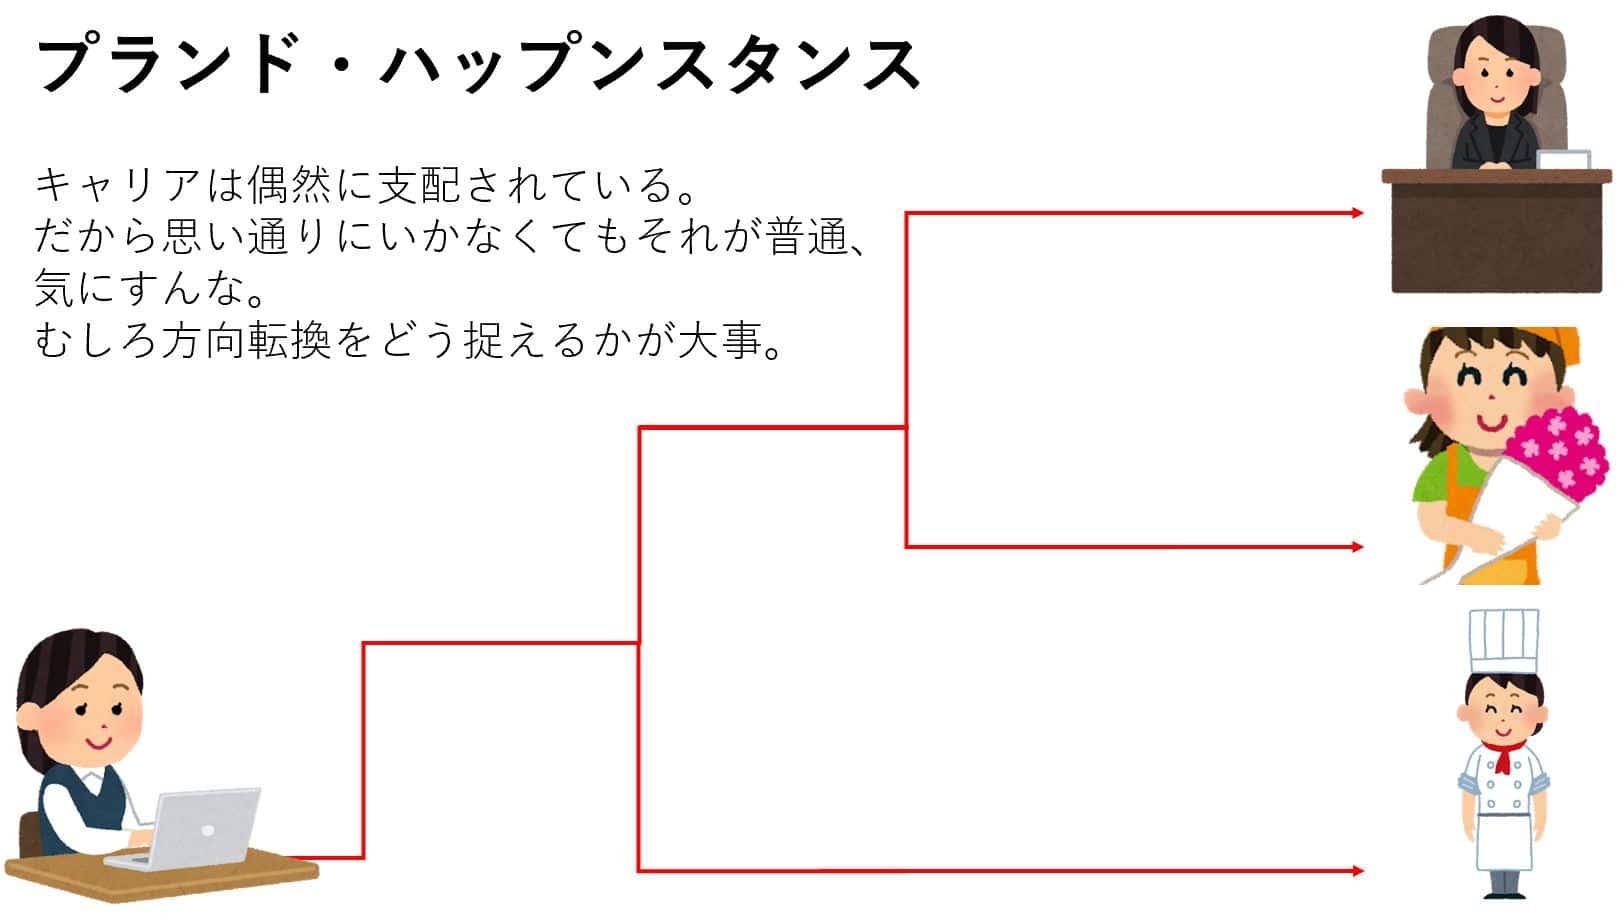 プランド・ハップンスタンス概念図